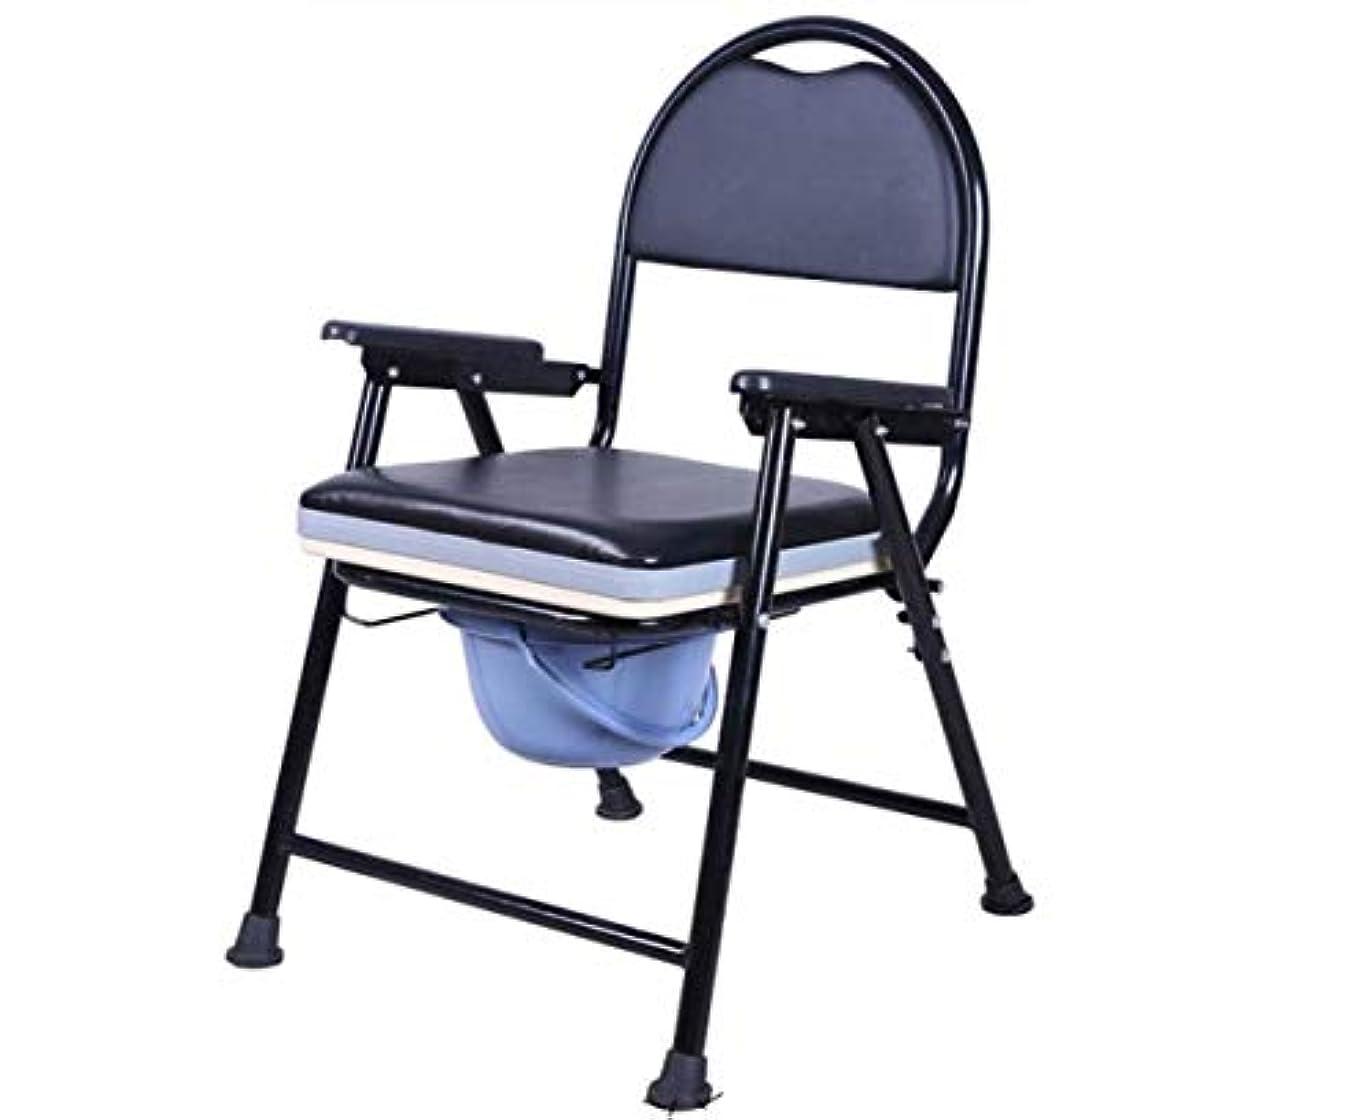 拡散する重要な役割を果たす、中心的な手段となるクロニクル折りたたみ式mode椅子とトイレサラウンド、軽量、丈夫、シンプル、高齢者高齢者向けのバスルームサポート、無効